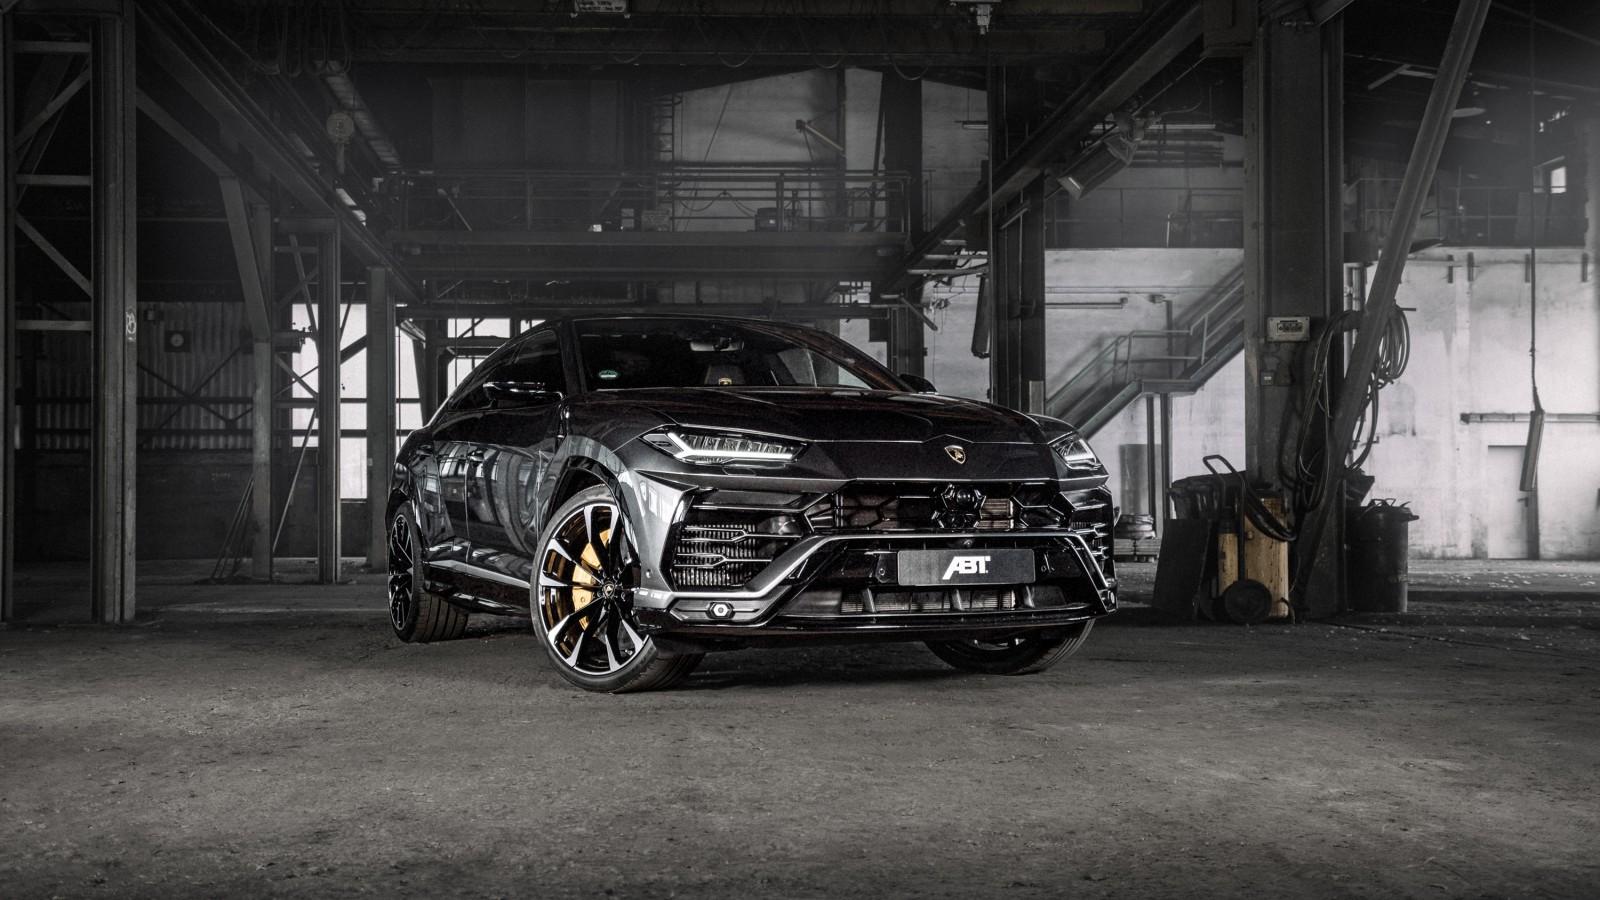 Abt Lamborghini Urus 2019 Wallpaper Hd Car Wallpapers